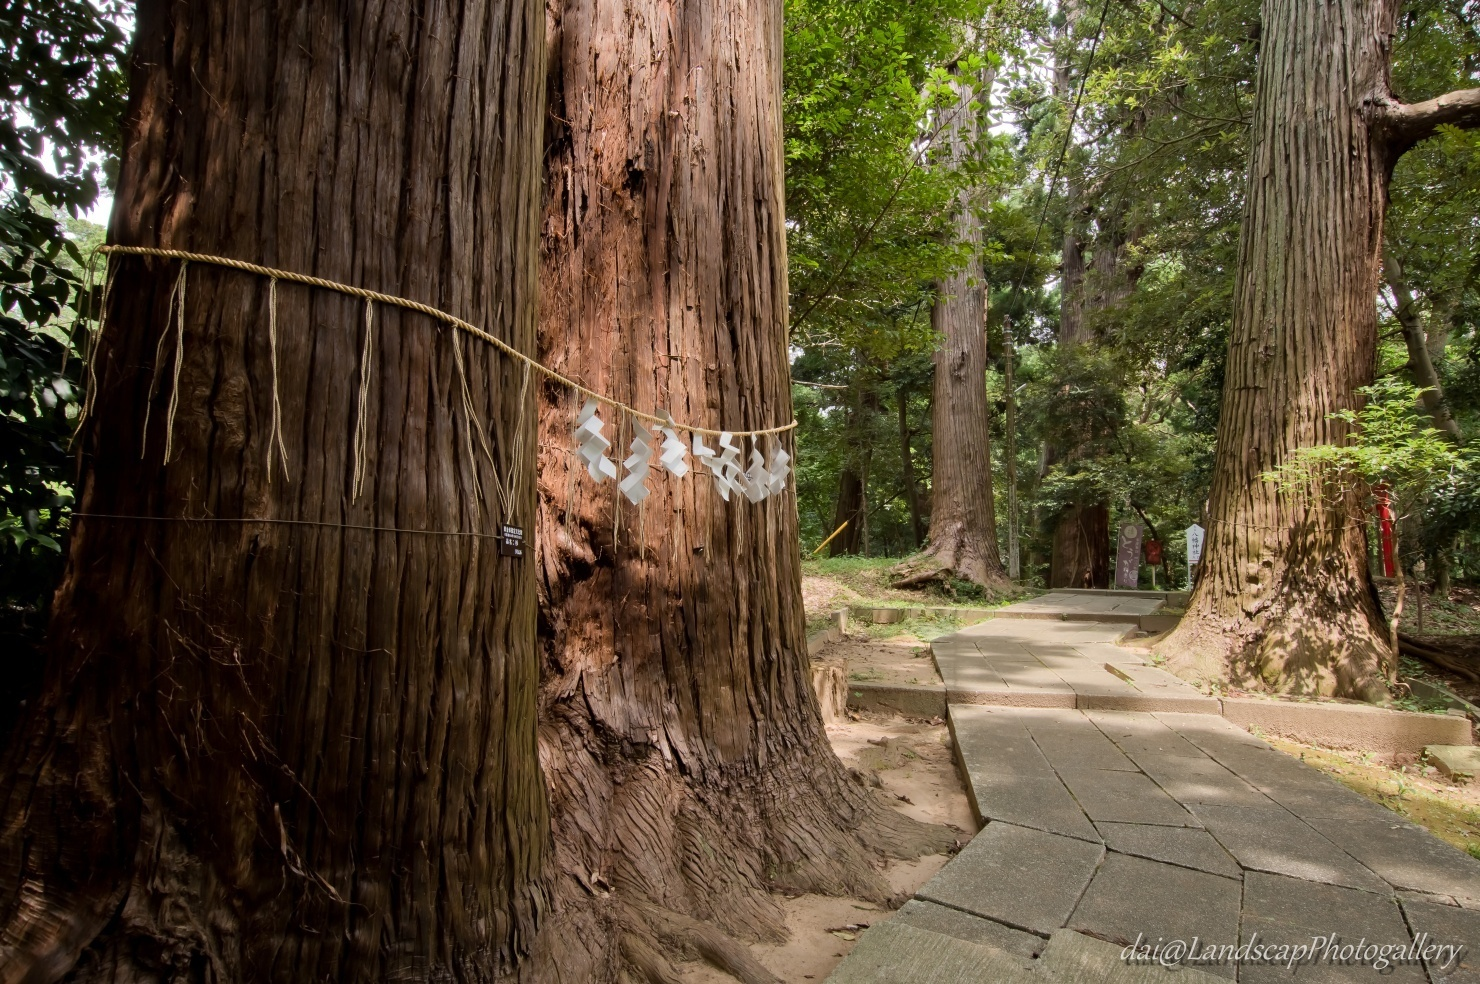 日吉神社(東金 山王様)参道の大杉